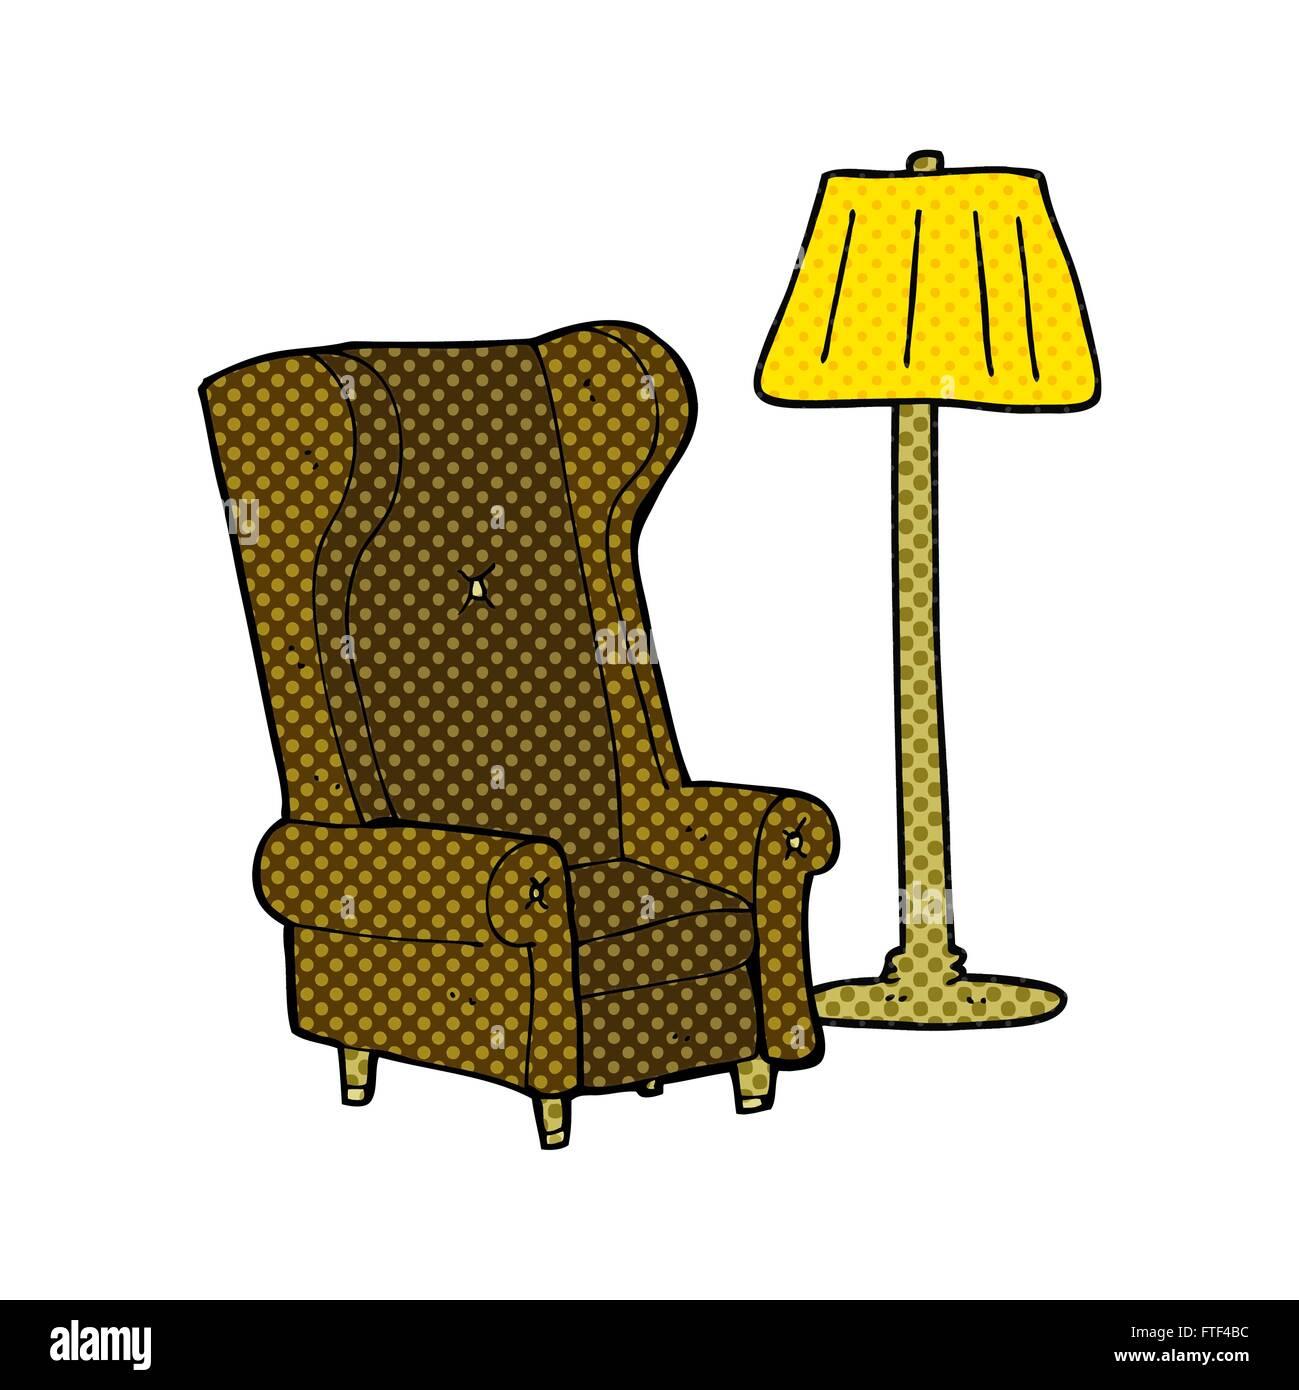 Freihand Gezeichnet Comic Buch Stil Cartoon Lampe Und Stuhl